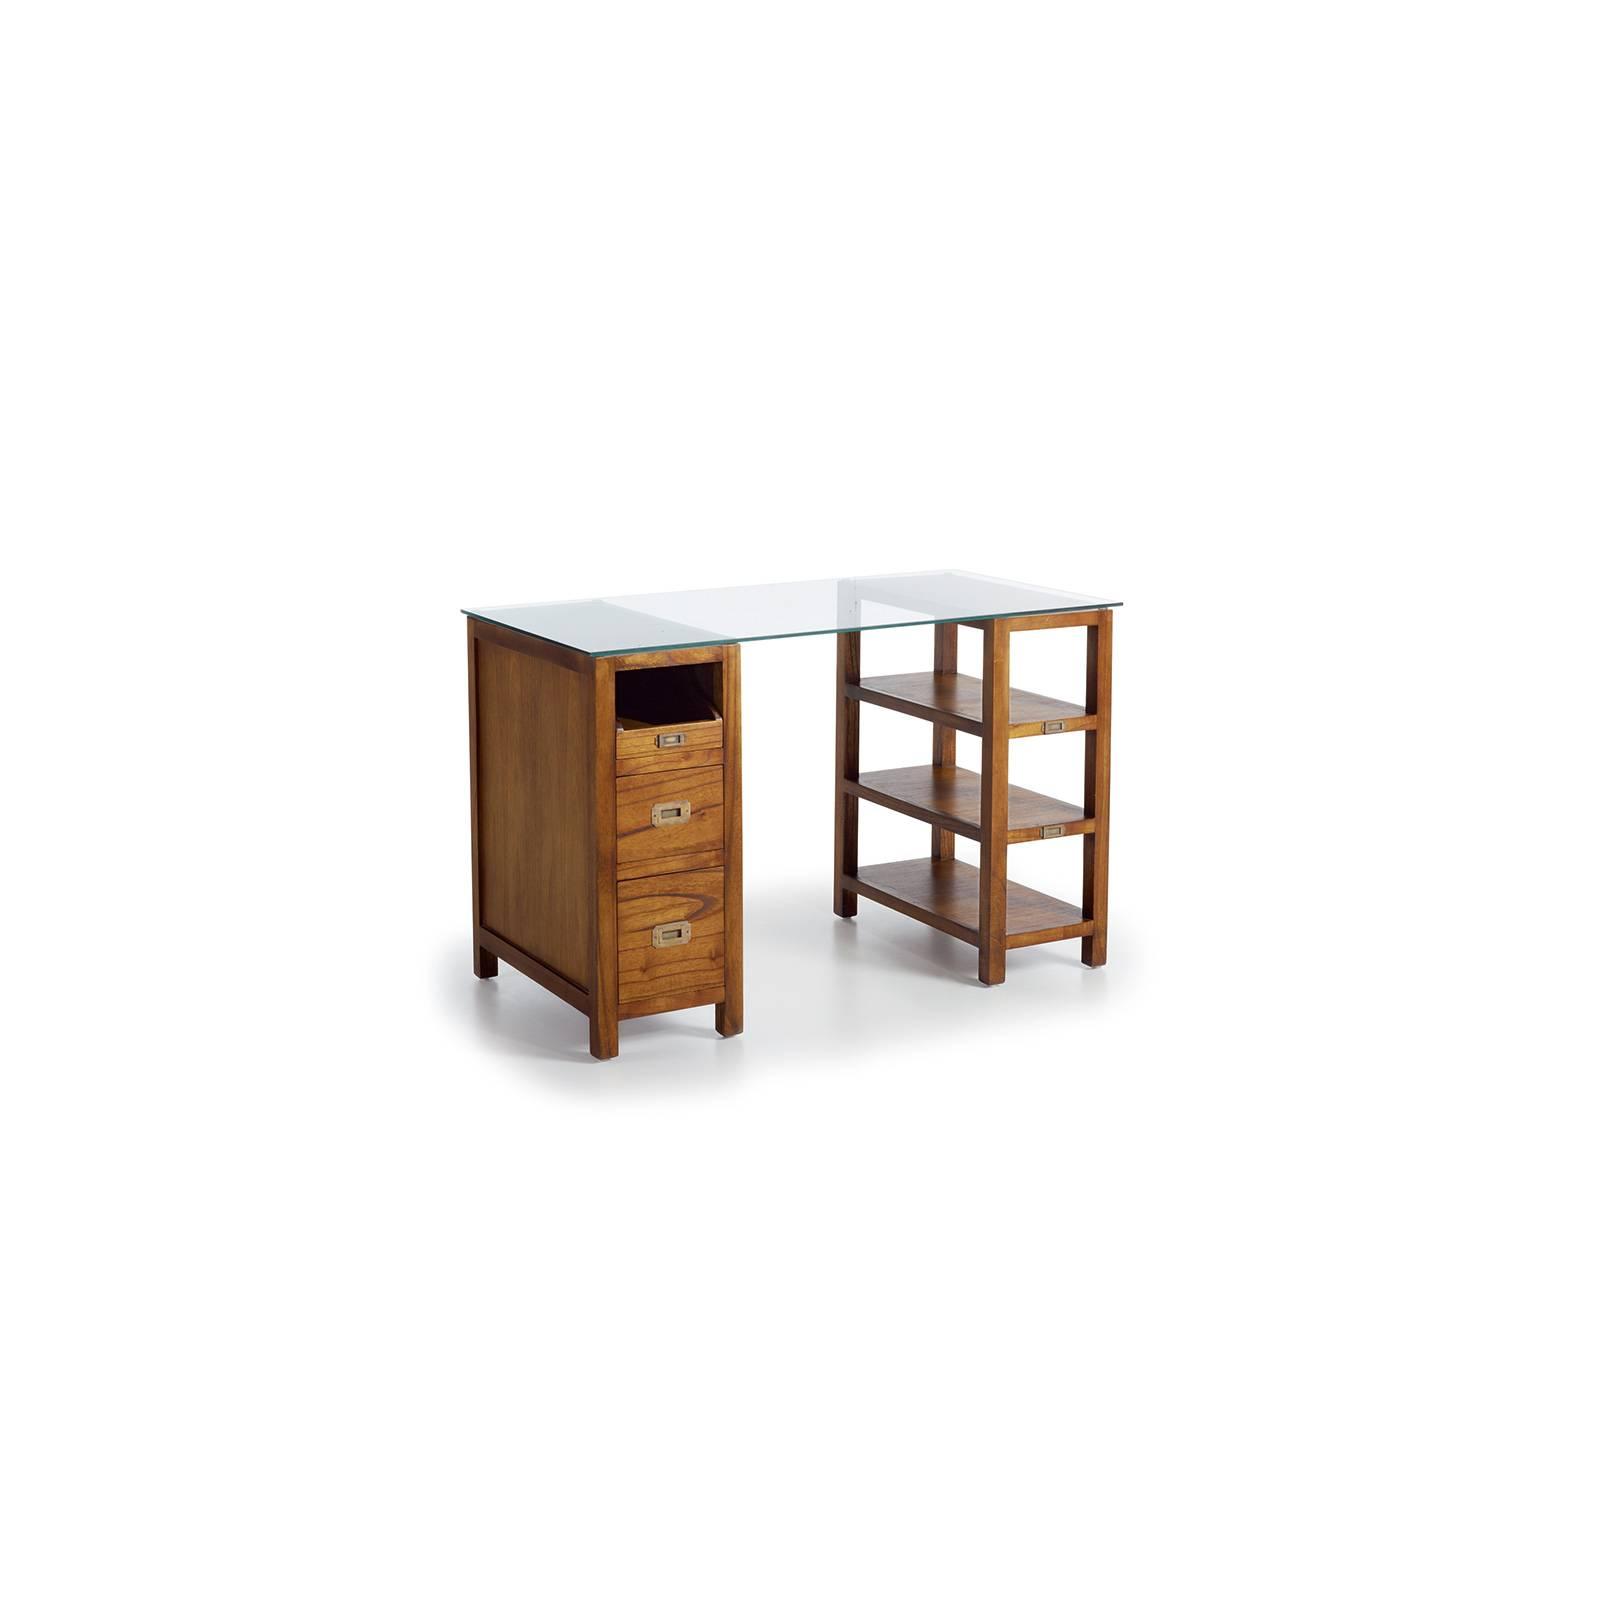 Bureau Verre Tali Mindy - meuble bois exotique